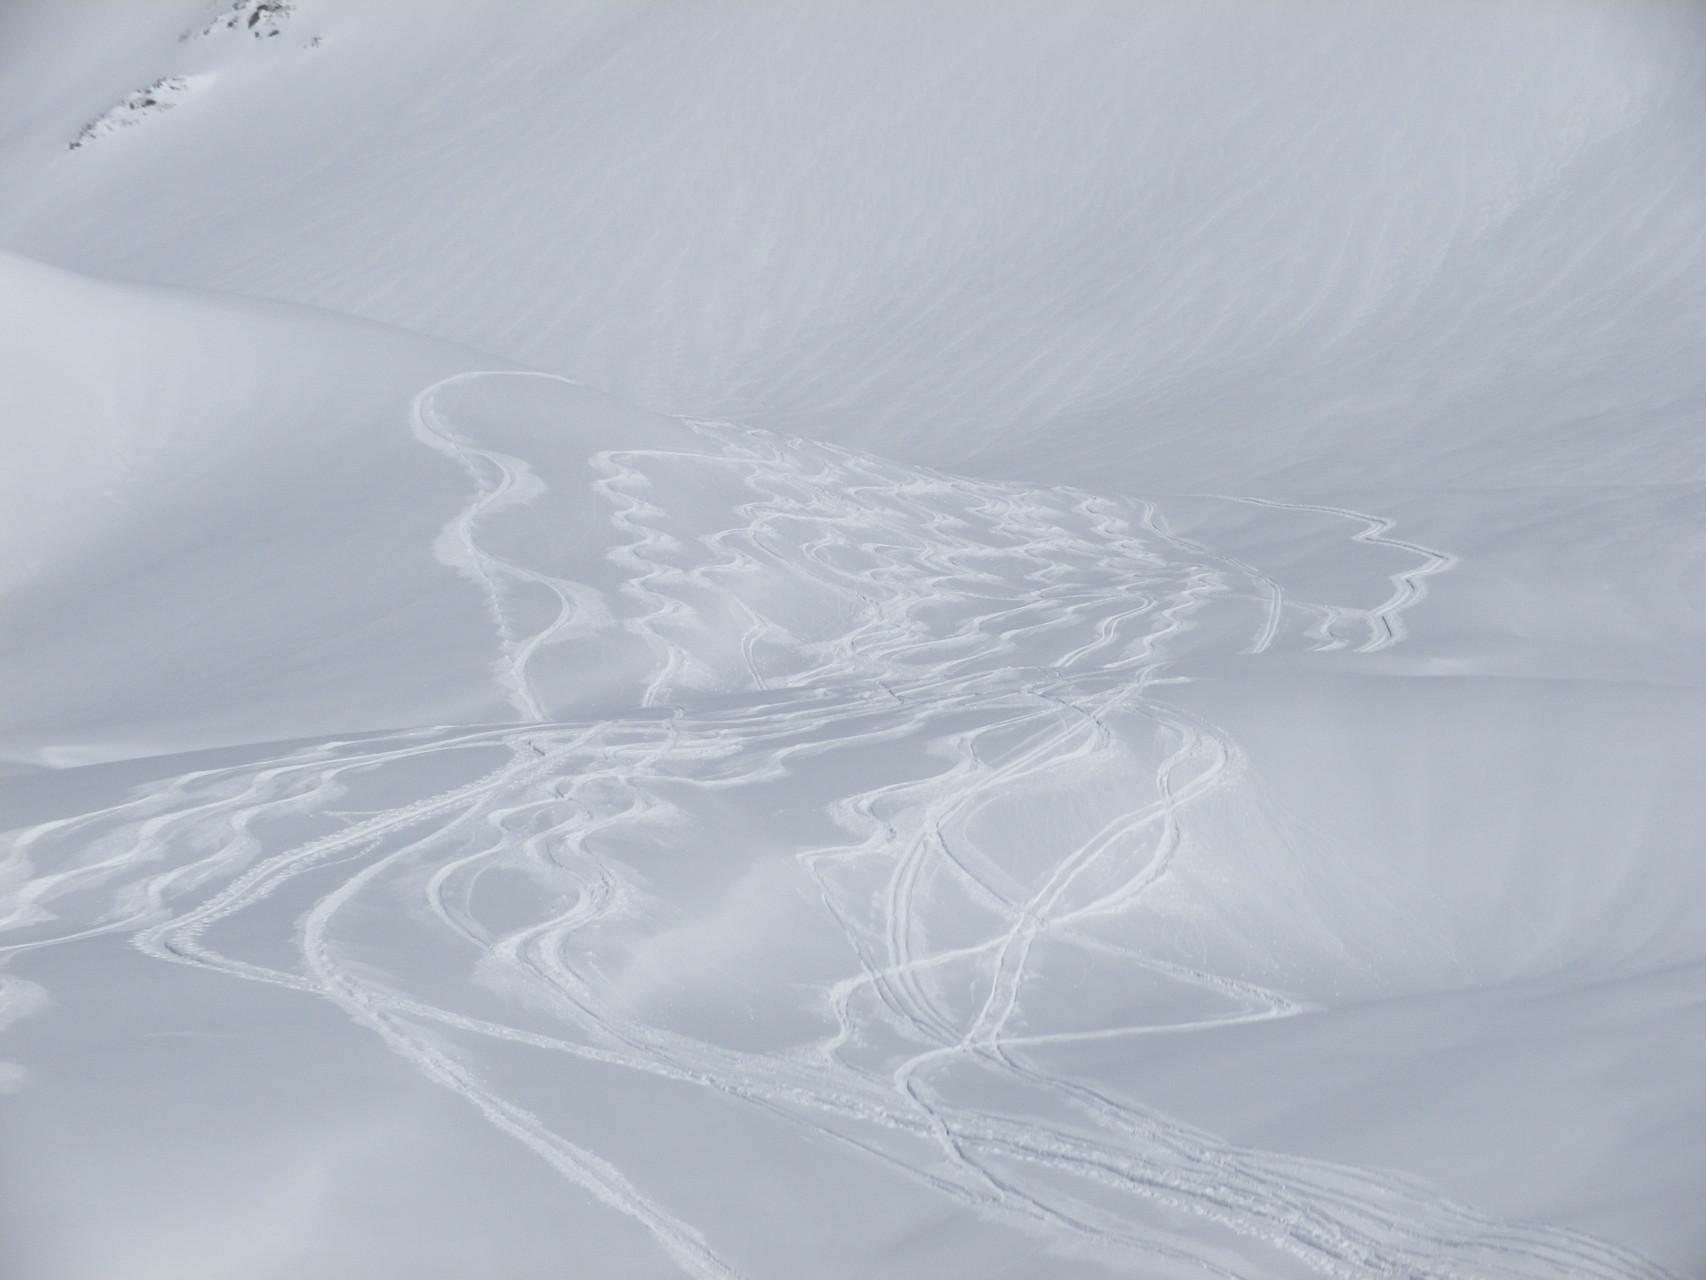 De belle traces, conditions idéales également pour le skieurs de rando !